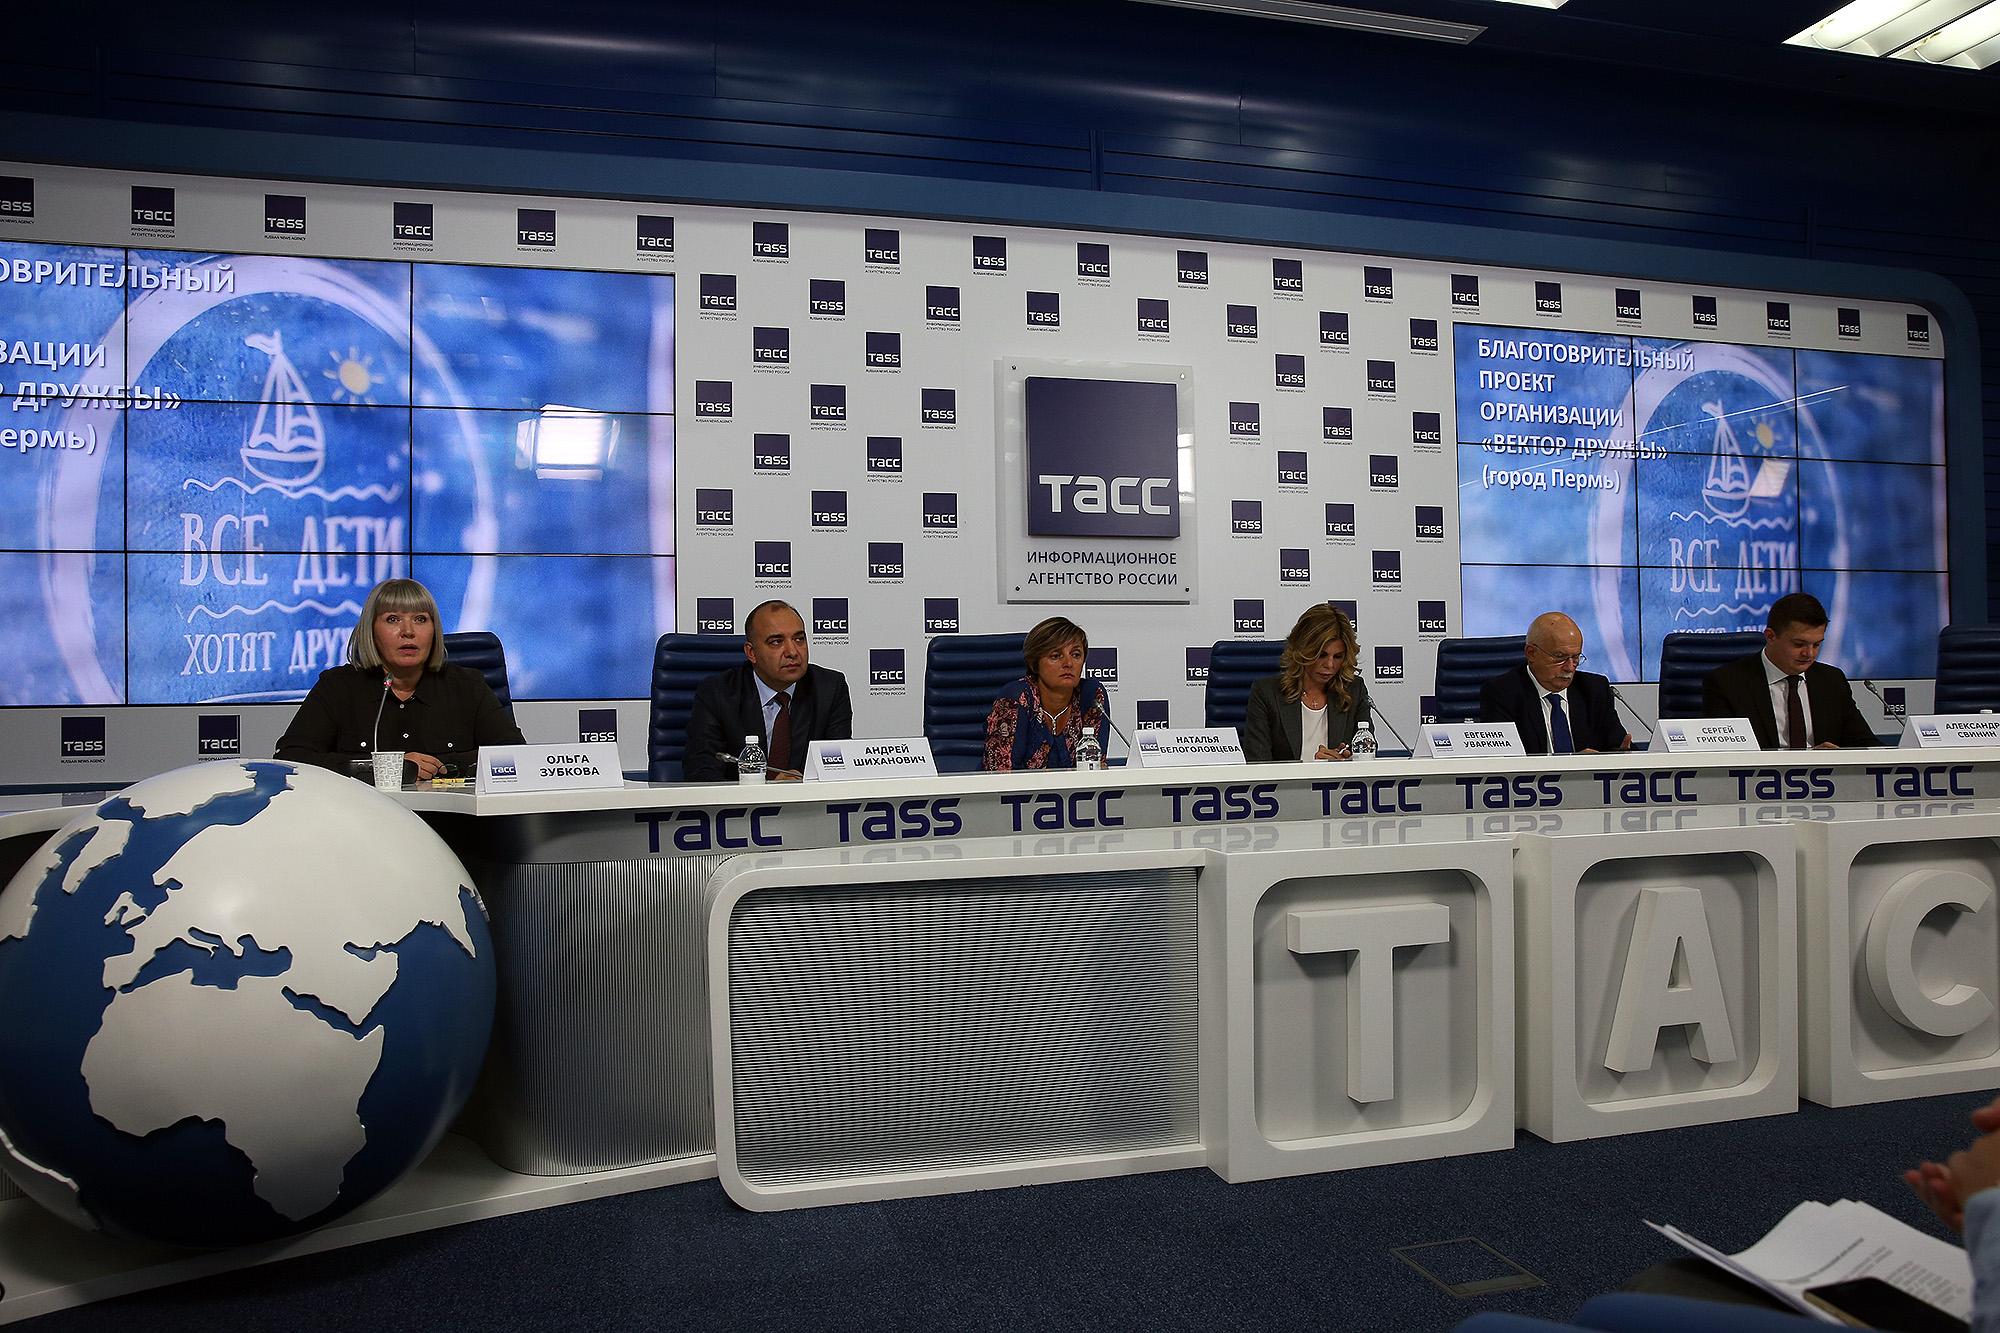 ОМК стала партнеромоператора президентских грантов фонда«Перспектива»